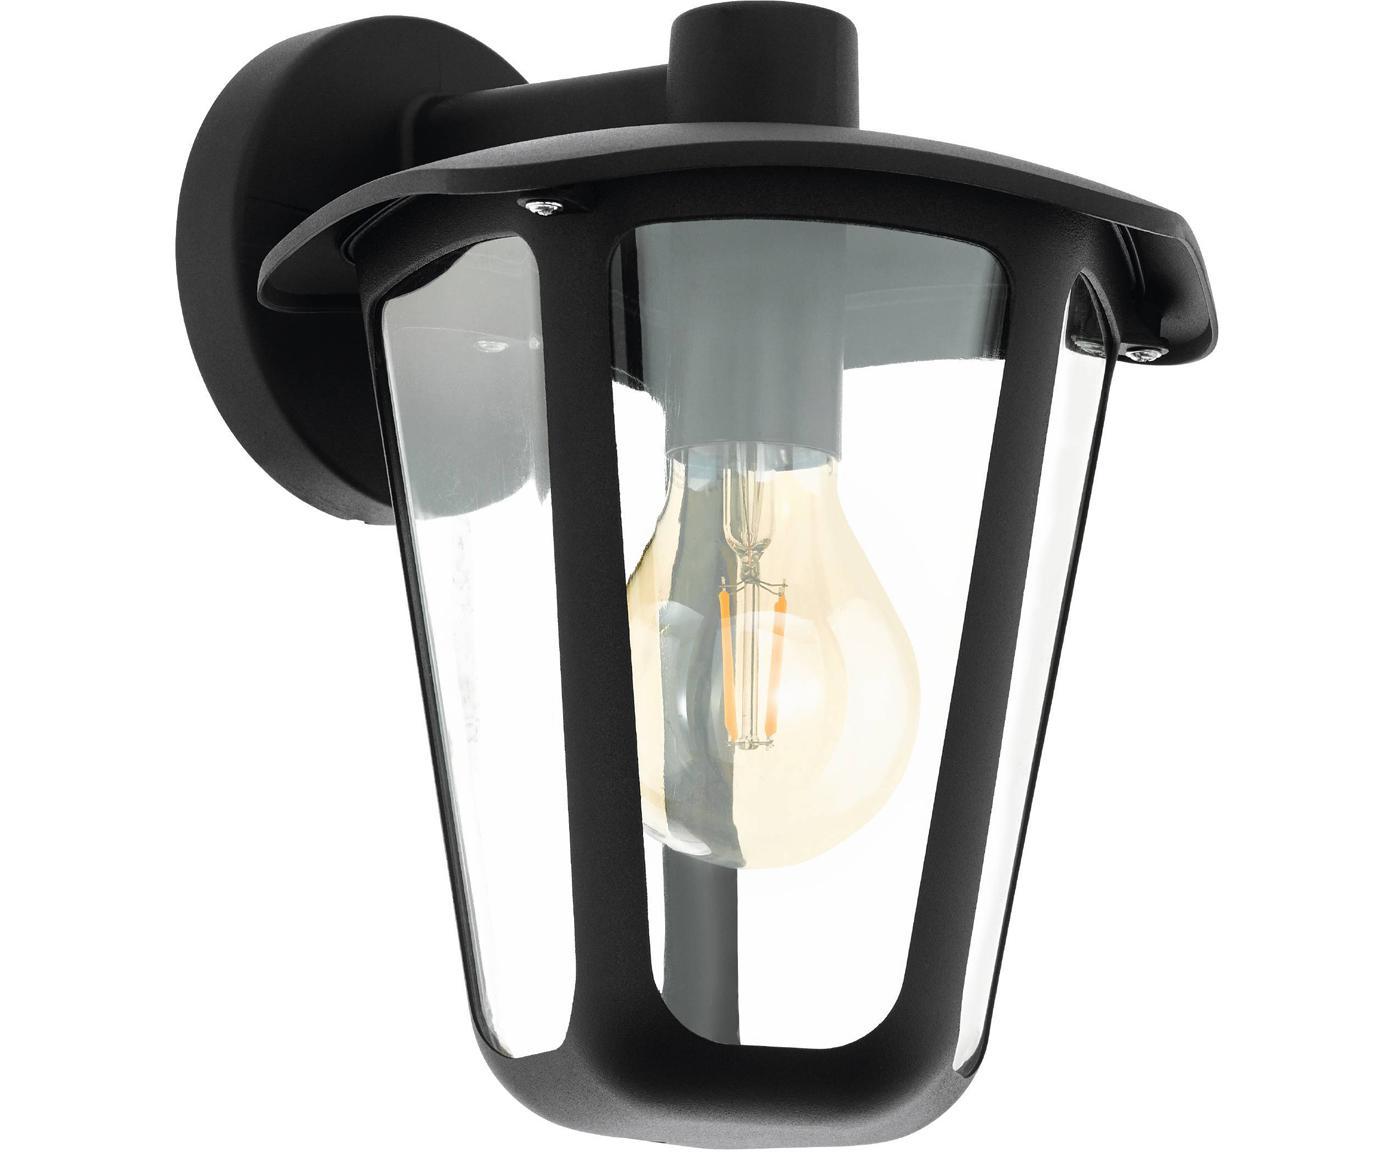 Außenwandleuchte Monreale, Lampenschirm: Kunststoff, Schwarz, 23 x 28 cm